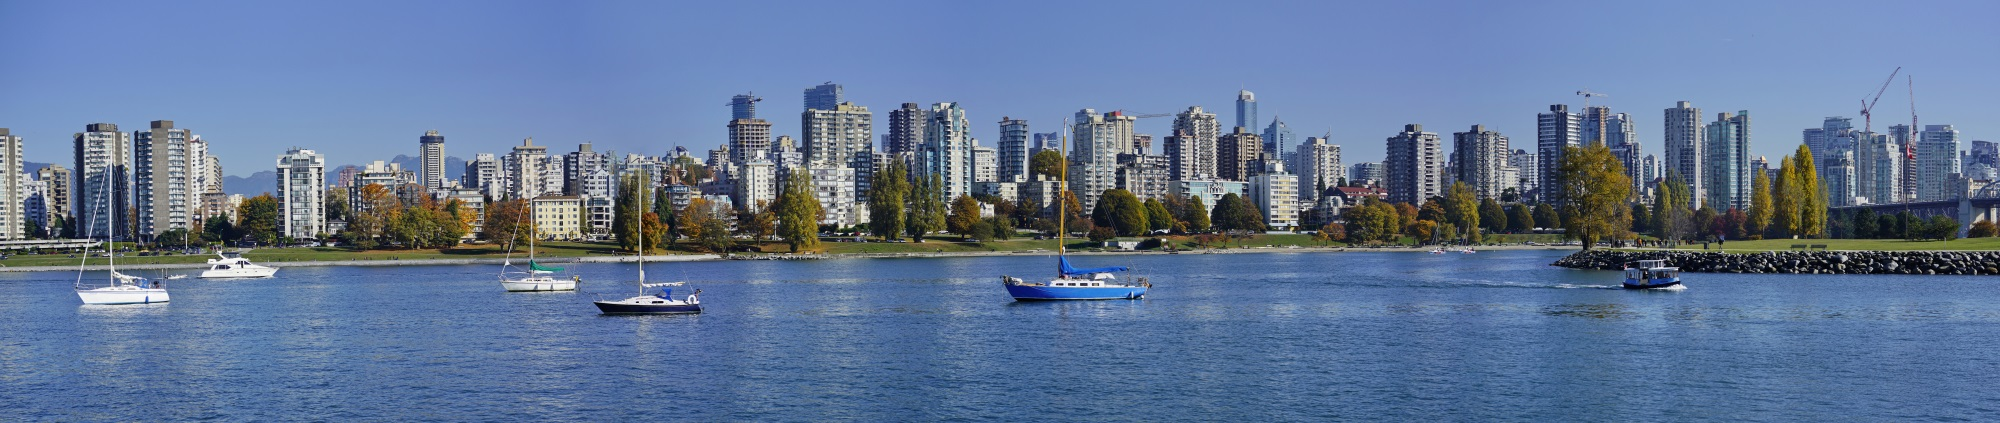 Vancouver Panorama Skyline